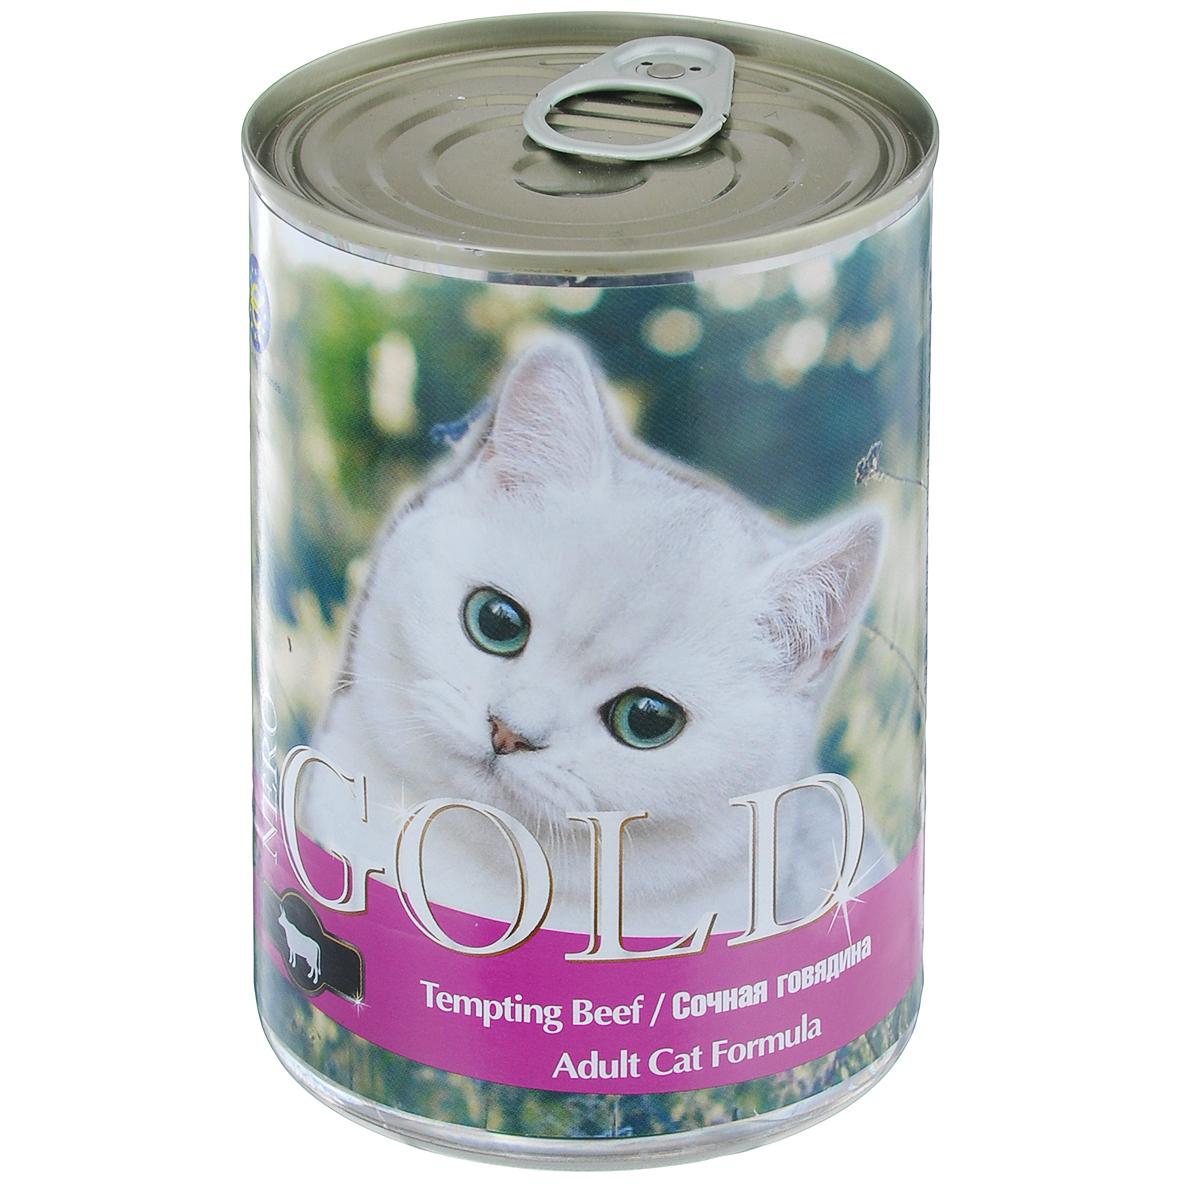 Консервы для кошек Nero Gold, с сочной говядиной, 410 г20256Консервы для кошек Nero Gold - полнорационный продукт, содержащий все необходимые витамины и минералы, сбалансированный для поддержания оптимального здоровья вашего питомца! Состав: мясо и его производные, филе курицы, говядина, злаки, витамины и минералы. Гарантированный анализ: белки 6%, жиры 4,5%, клетчатка 0,5%, зола 2%, влага 81%. Пищевые добавки на 1 кг продукта: витамин А 1600 МЕ, витамин D 140 МЕ, витамин Е 10 МЕ, таурин 300 мг, железо 24 мг, марганец 6 мг, цинк 15 мг, медь 1 мг, магний 200 мг, йод 0,3 мг, селен 0,2 мг. Вес: 410 г. Товар сертифицирован.